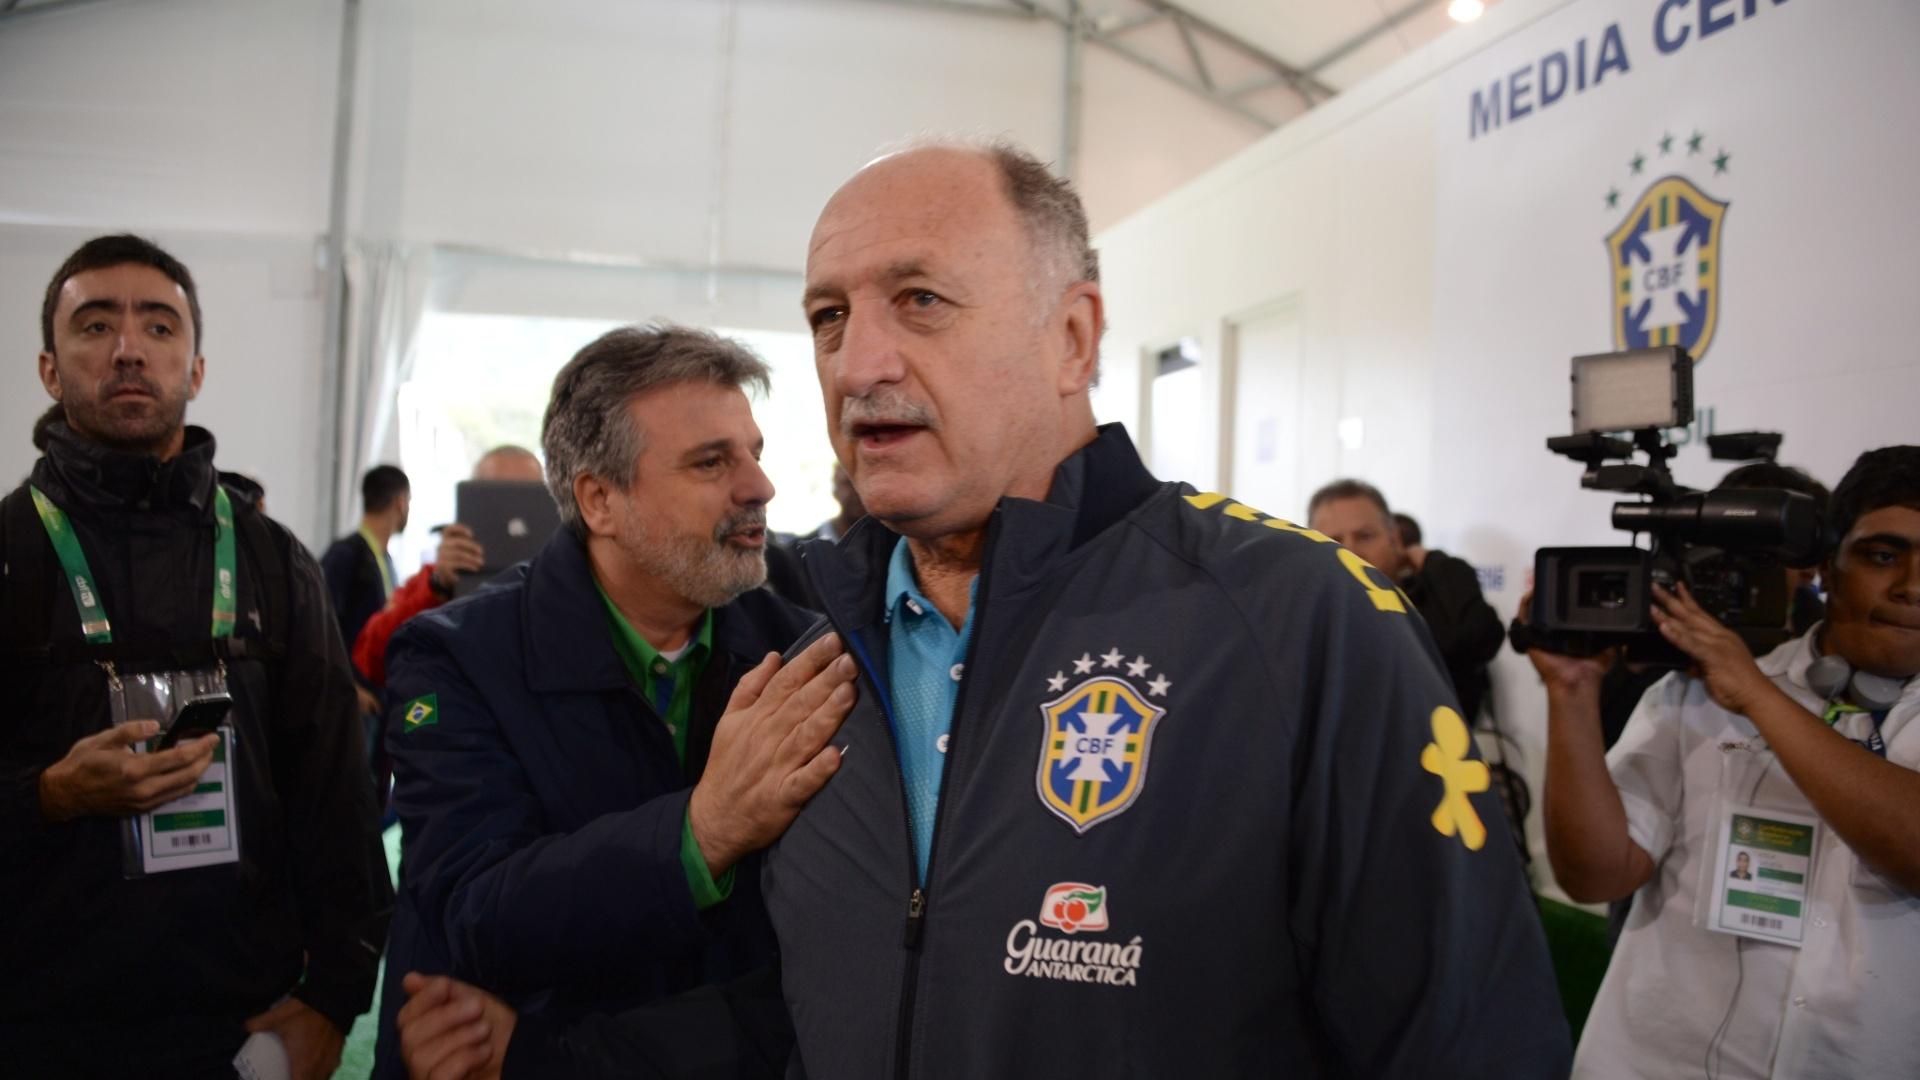 26.05.14 - Felipão caminha pelo centro de imprensa da Granja Comary, sede da seleção brasileira